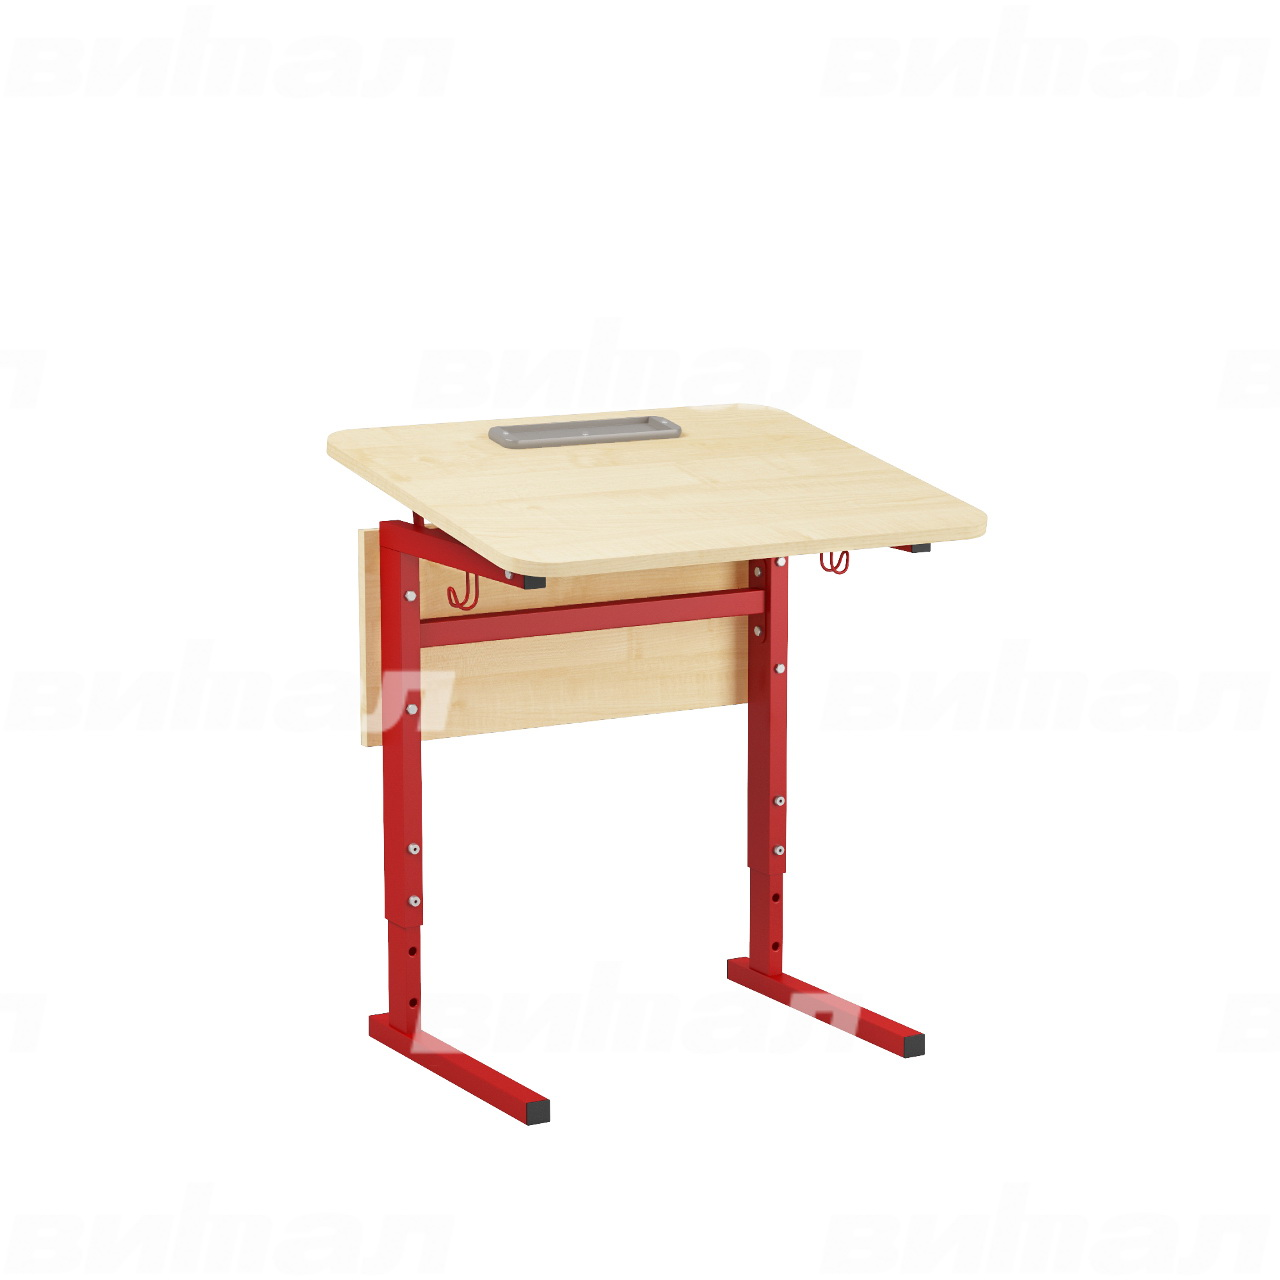 Стол 1-местный регулир. высота и наклон столешницы 0-10° (гр 2-4, 3-5 или 4-6) красный Клен 4-6 Меламин прямоугольная